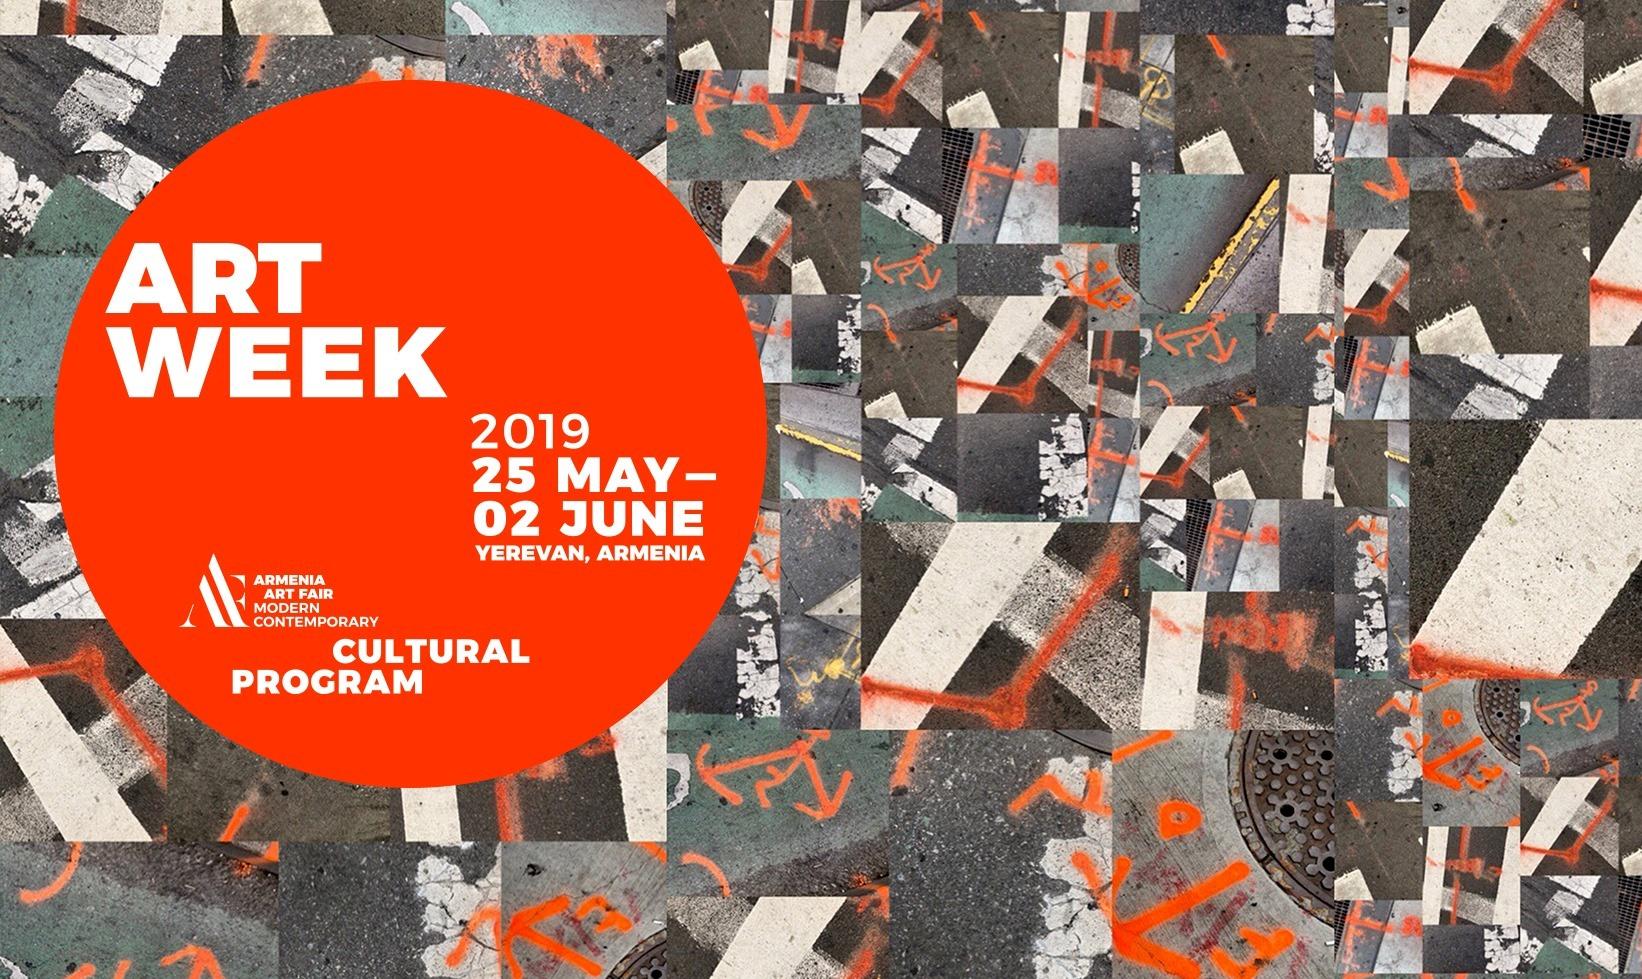 Programm Goethe-Zentrum Jerewan in Zusammenarbeit der Art Week und des Are Performing Arts Festival, sowie der Armenian Art Fair 2019